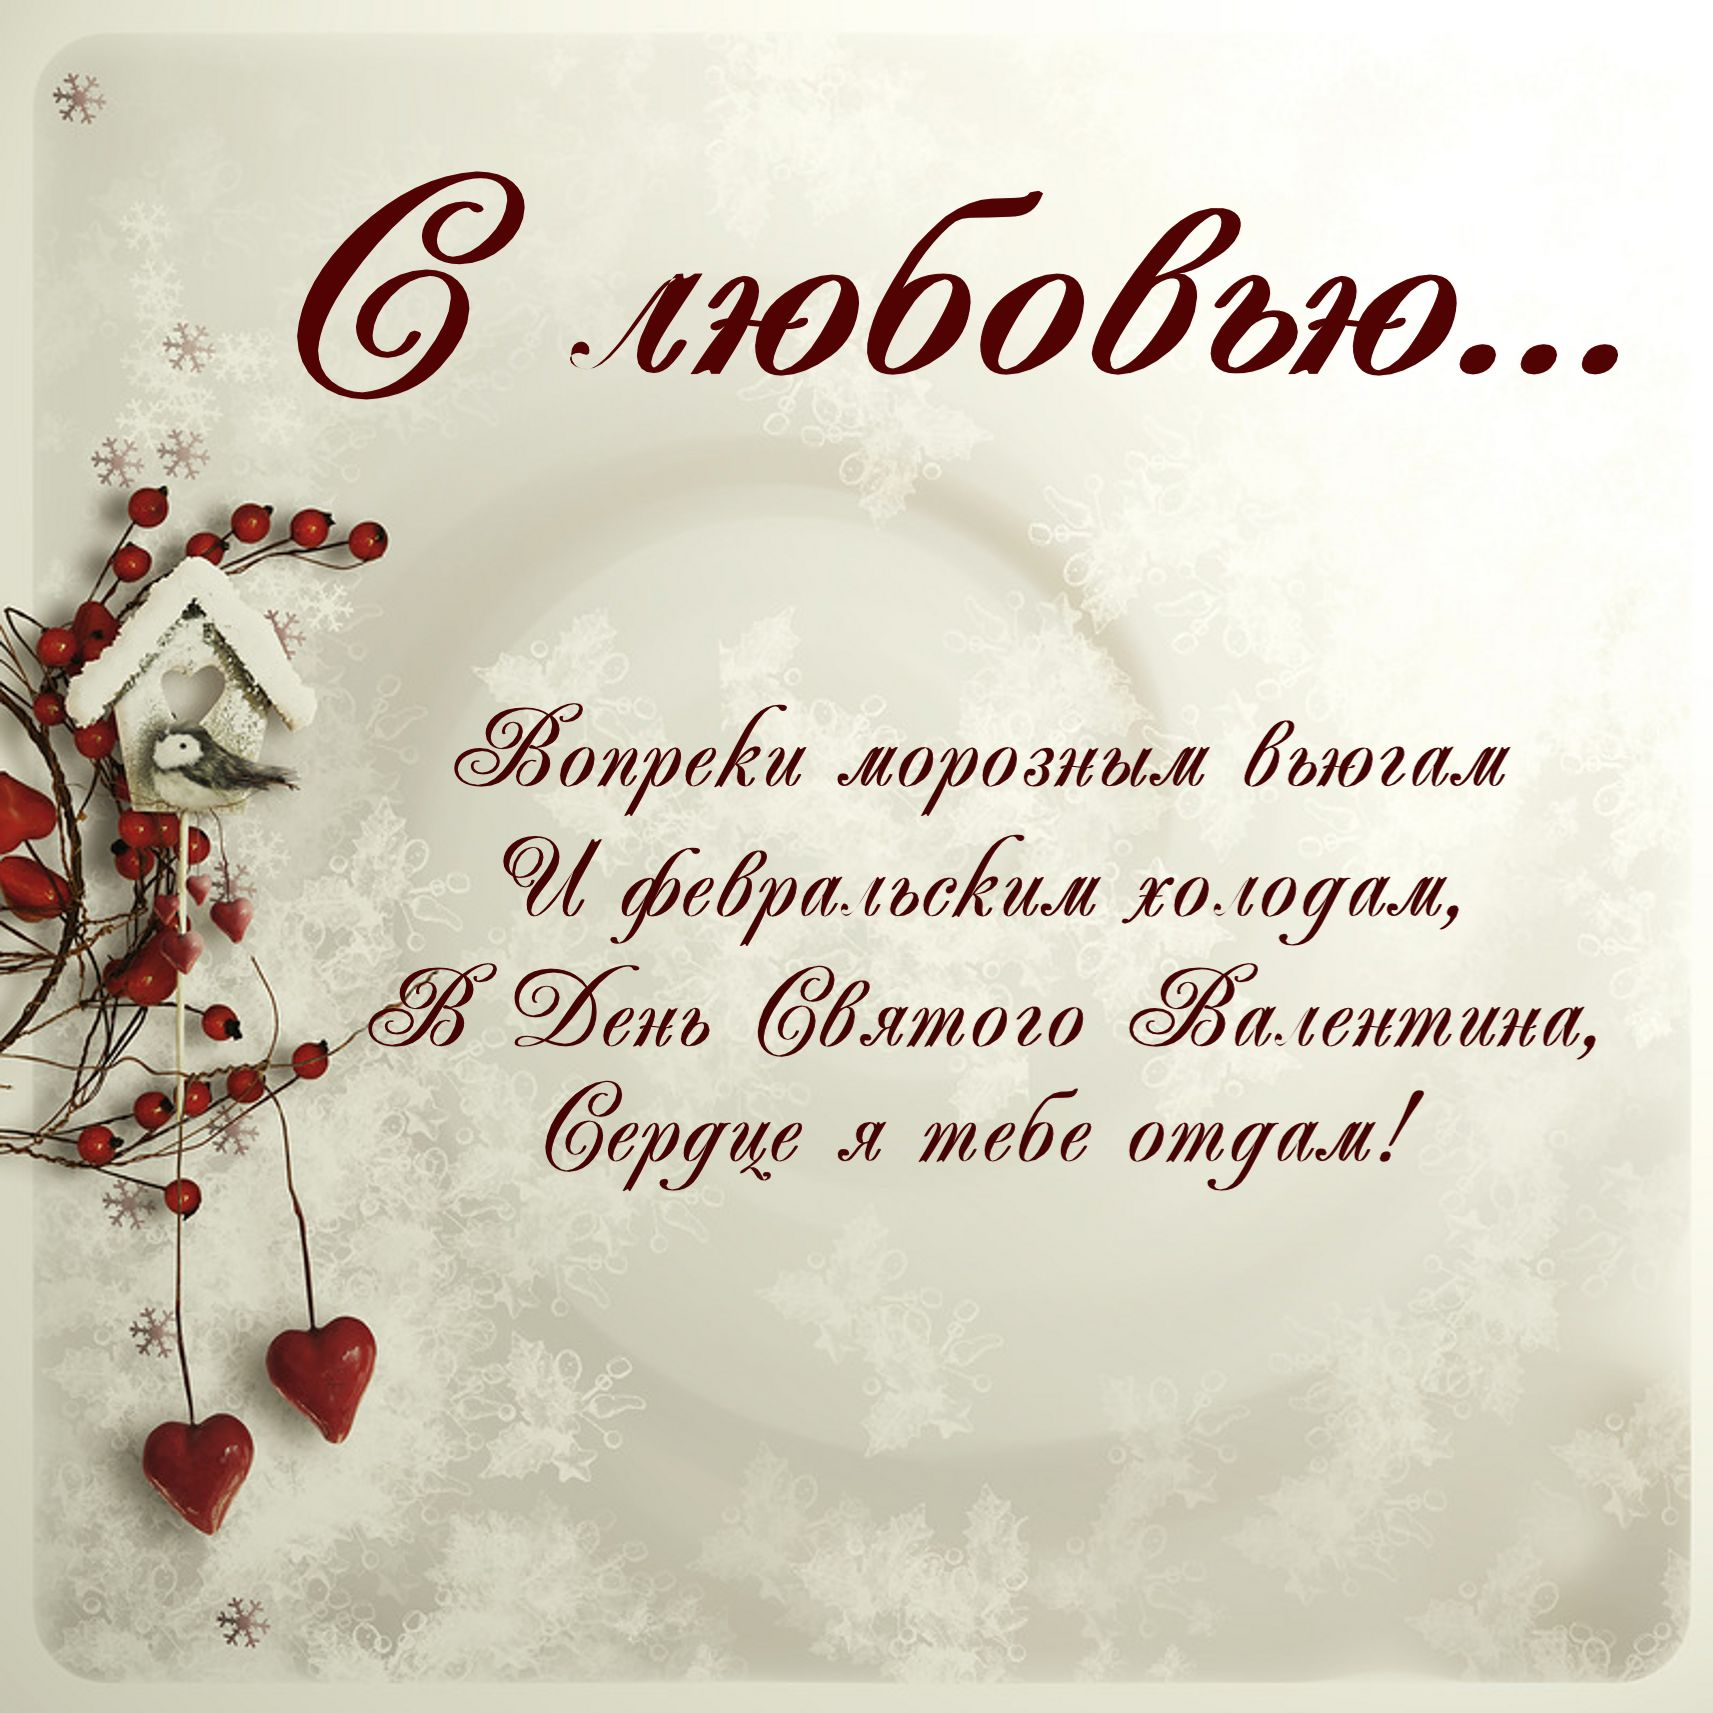 Поздравление любимому с днем рождения на татарском